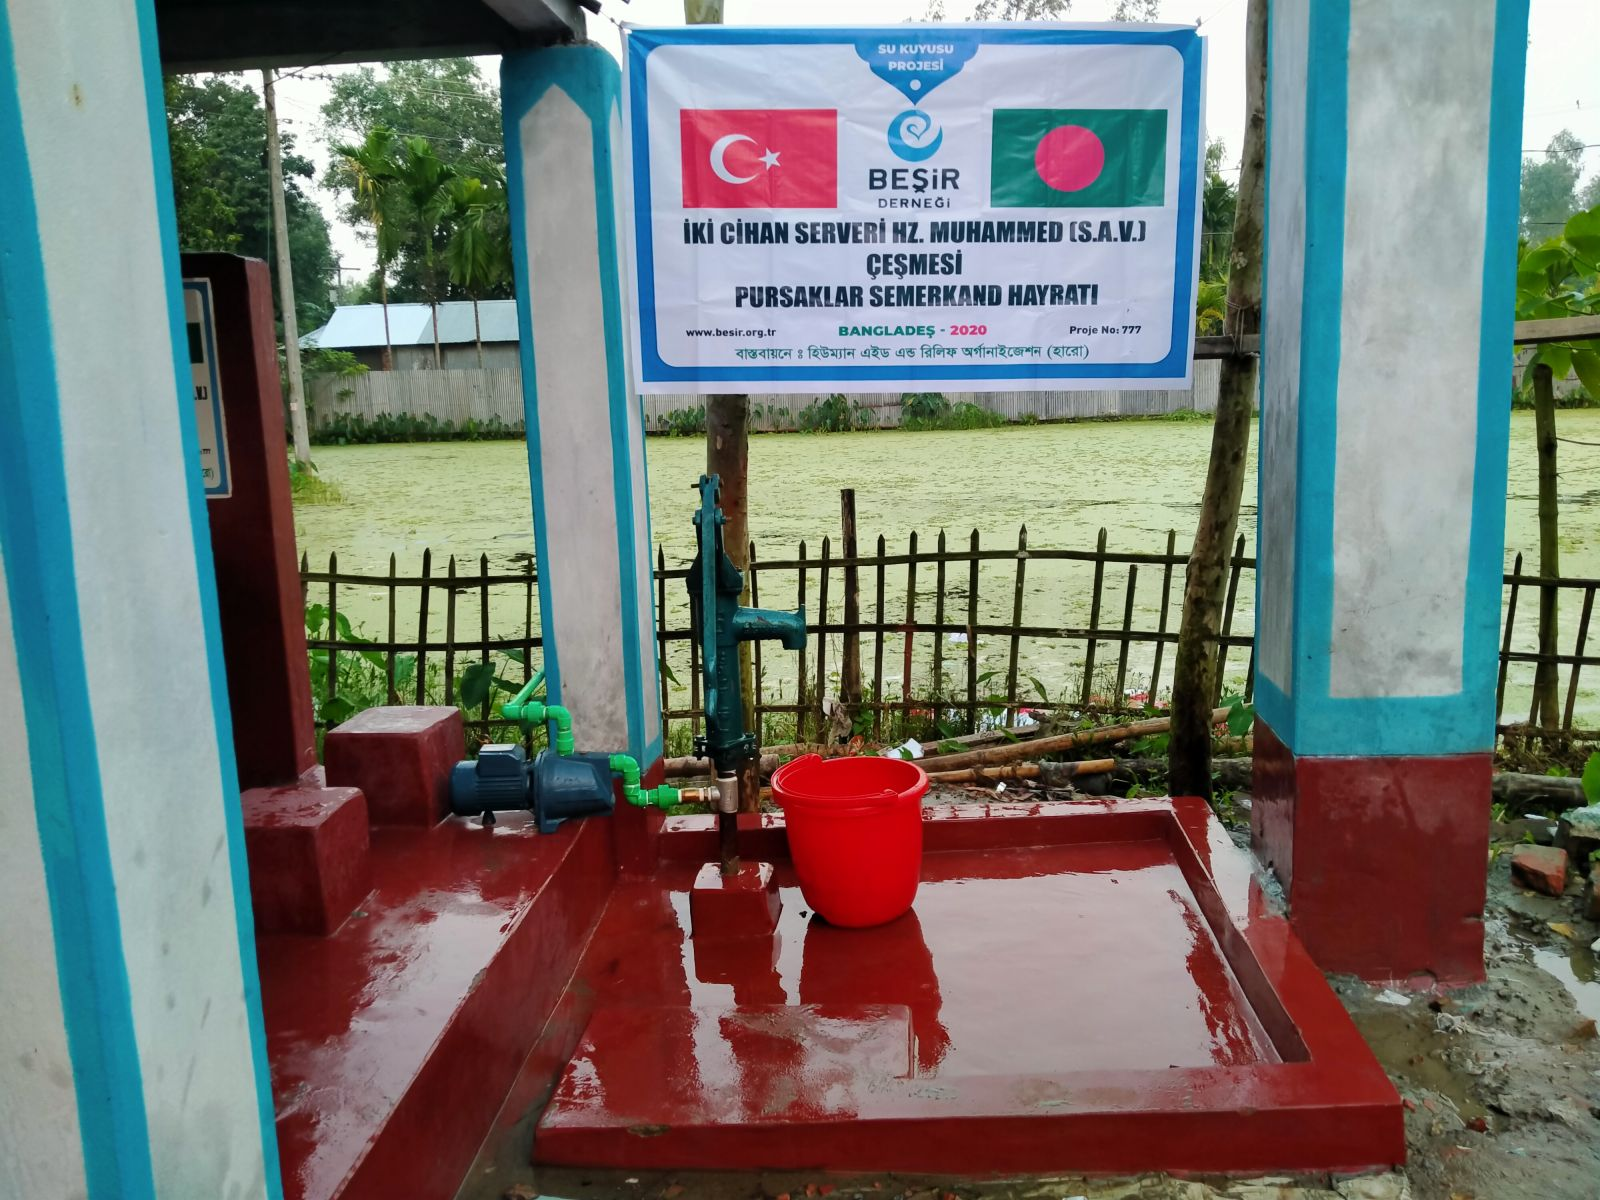 Bangladeş'te Yeni Bir Su Kuyusu ve Çeşme